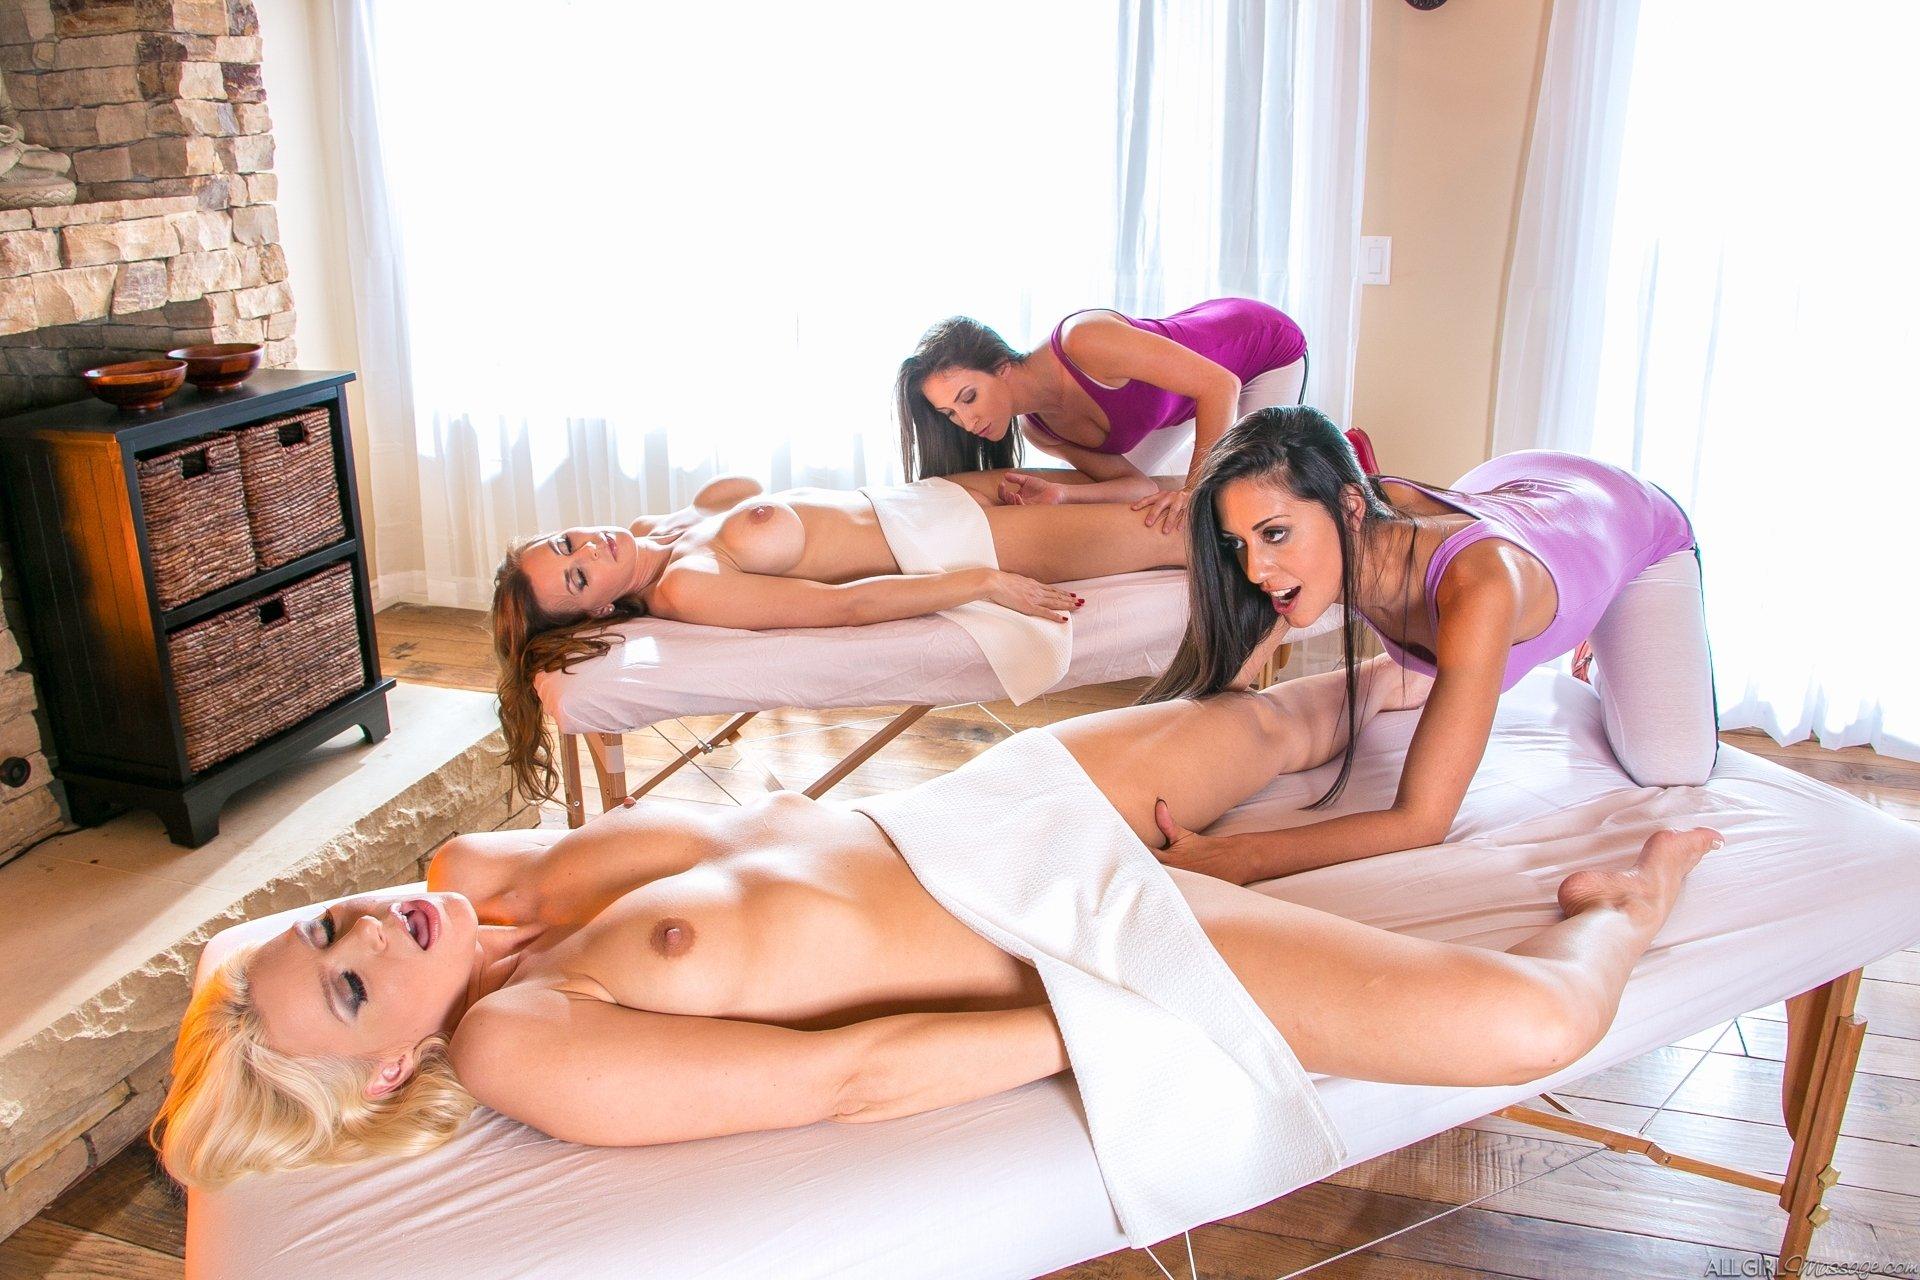 Посты смотреть порно в салоне осень